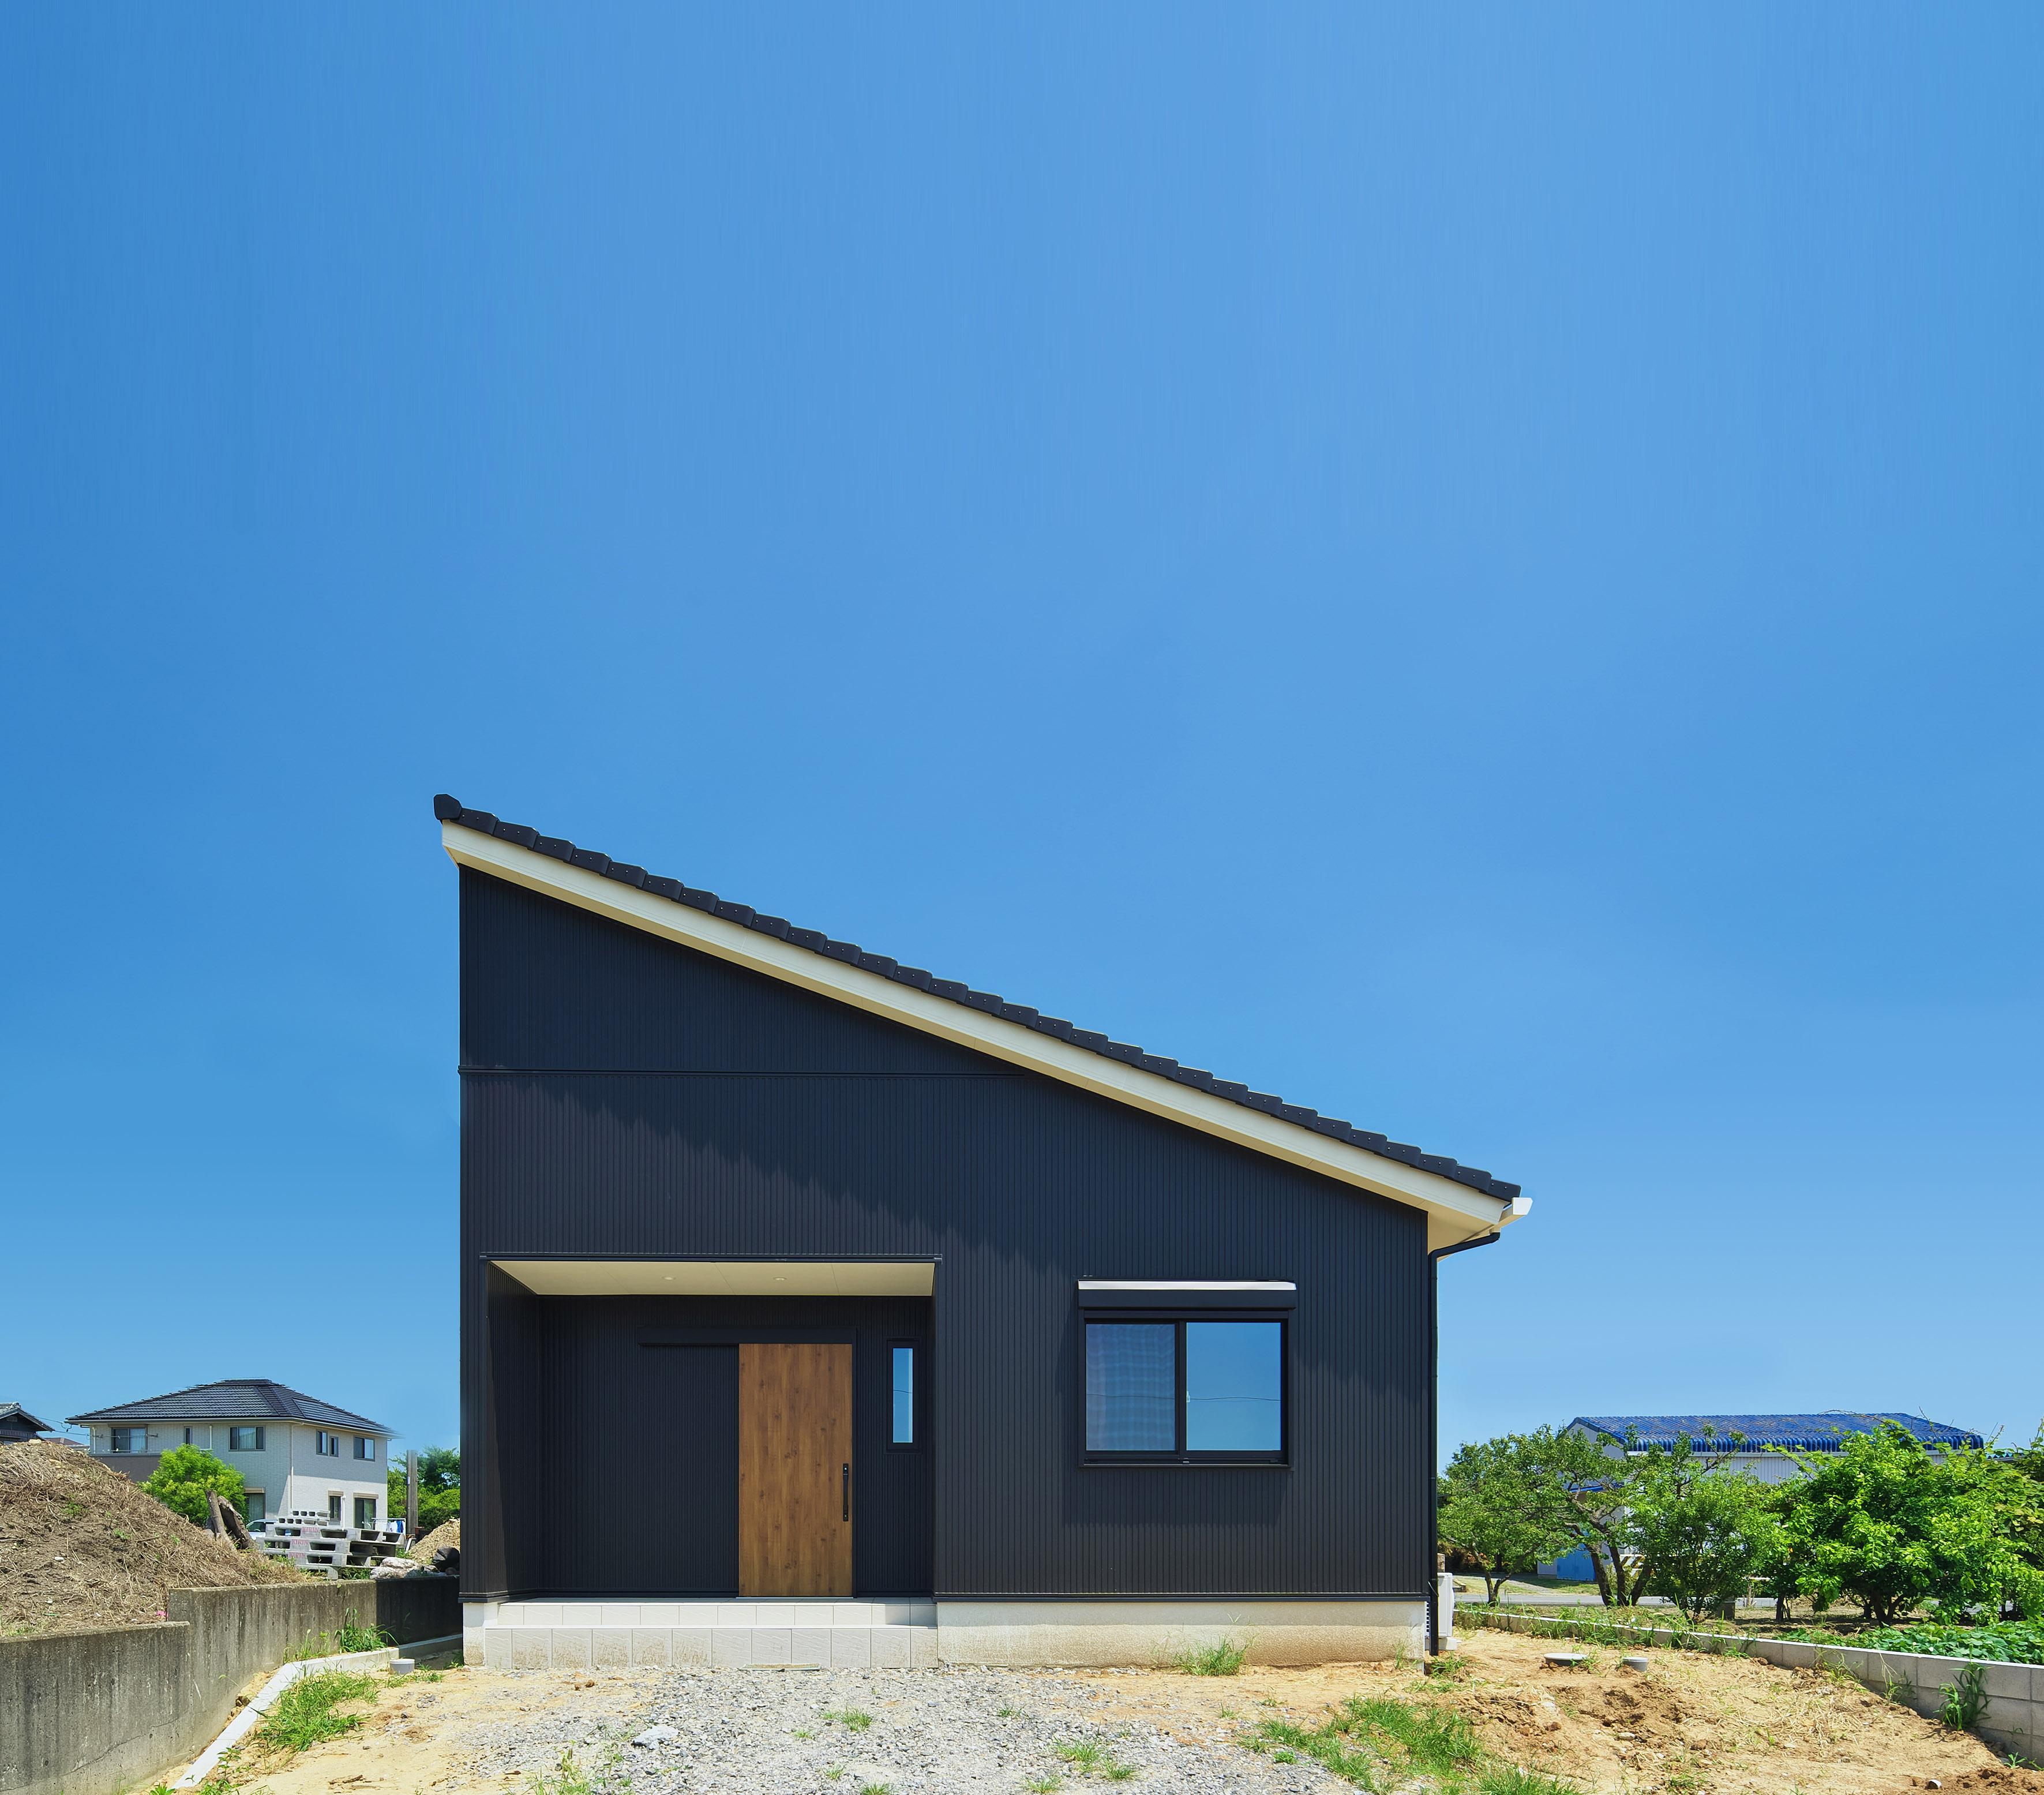 外観はガルバリウム。シンプルで洗練された平屋の家。